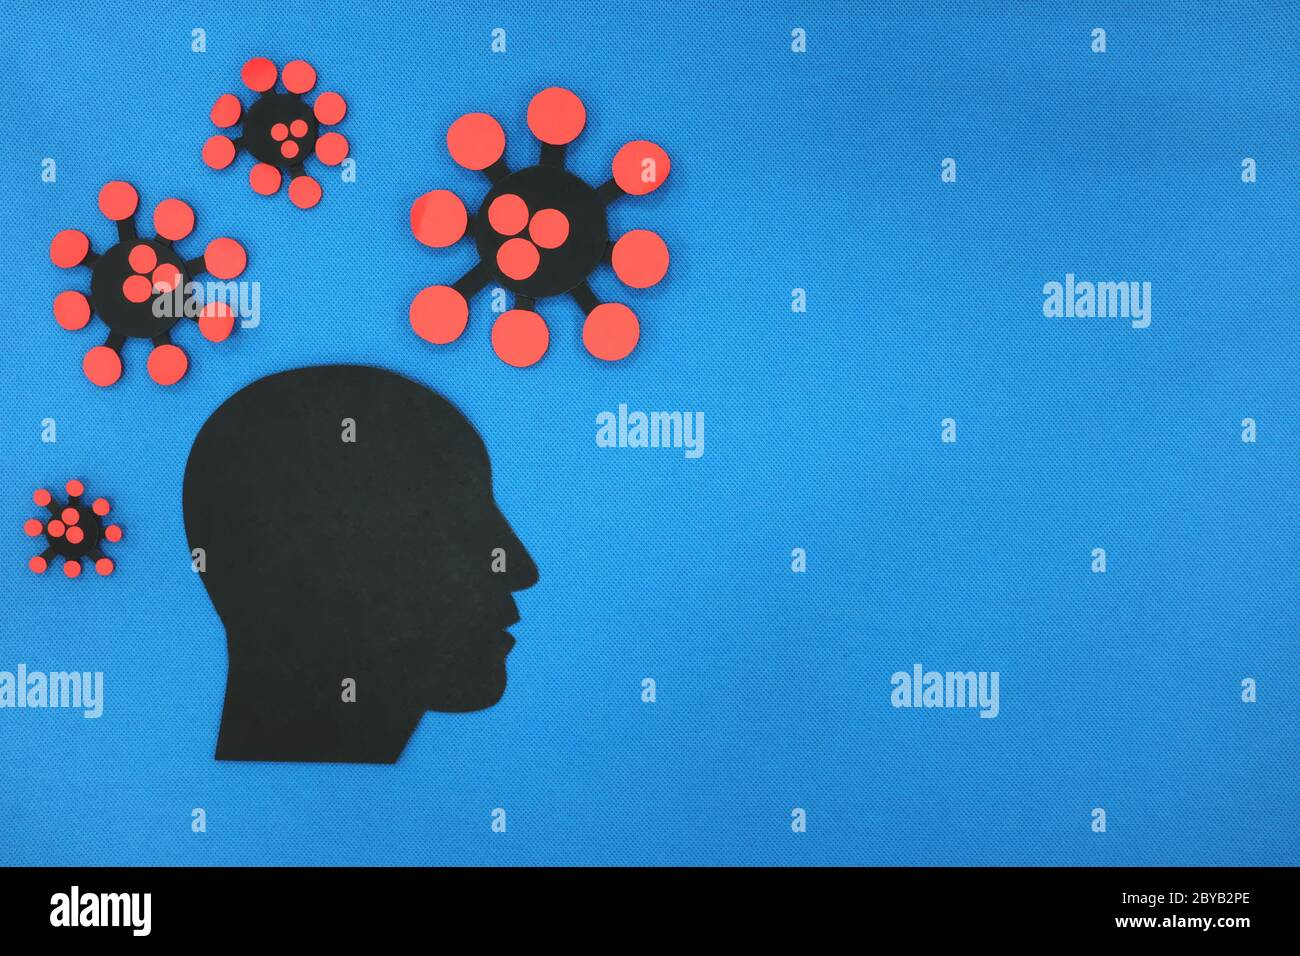 Concepto de depresión y ansiedad pandémica de la salud mental Covid-19. Perfil de cabeza humana de silueta masculina con coronavirus en fondo azul con espacio de copia. Foto de stock